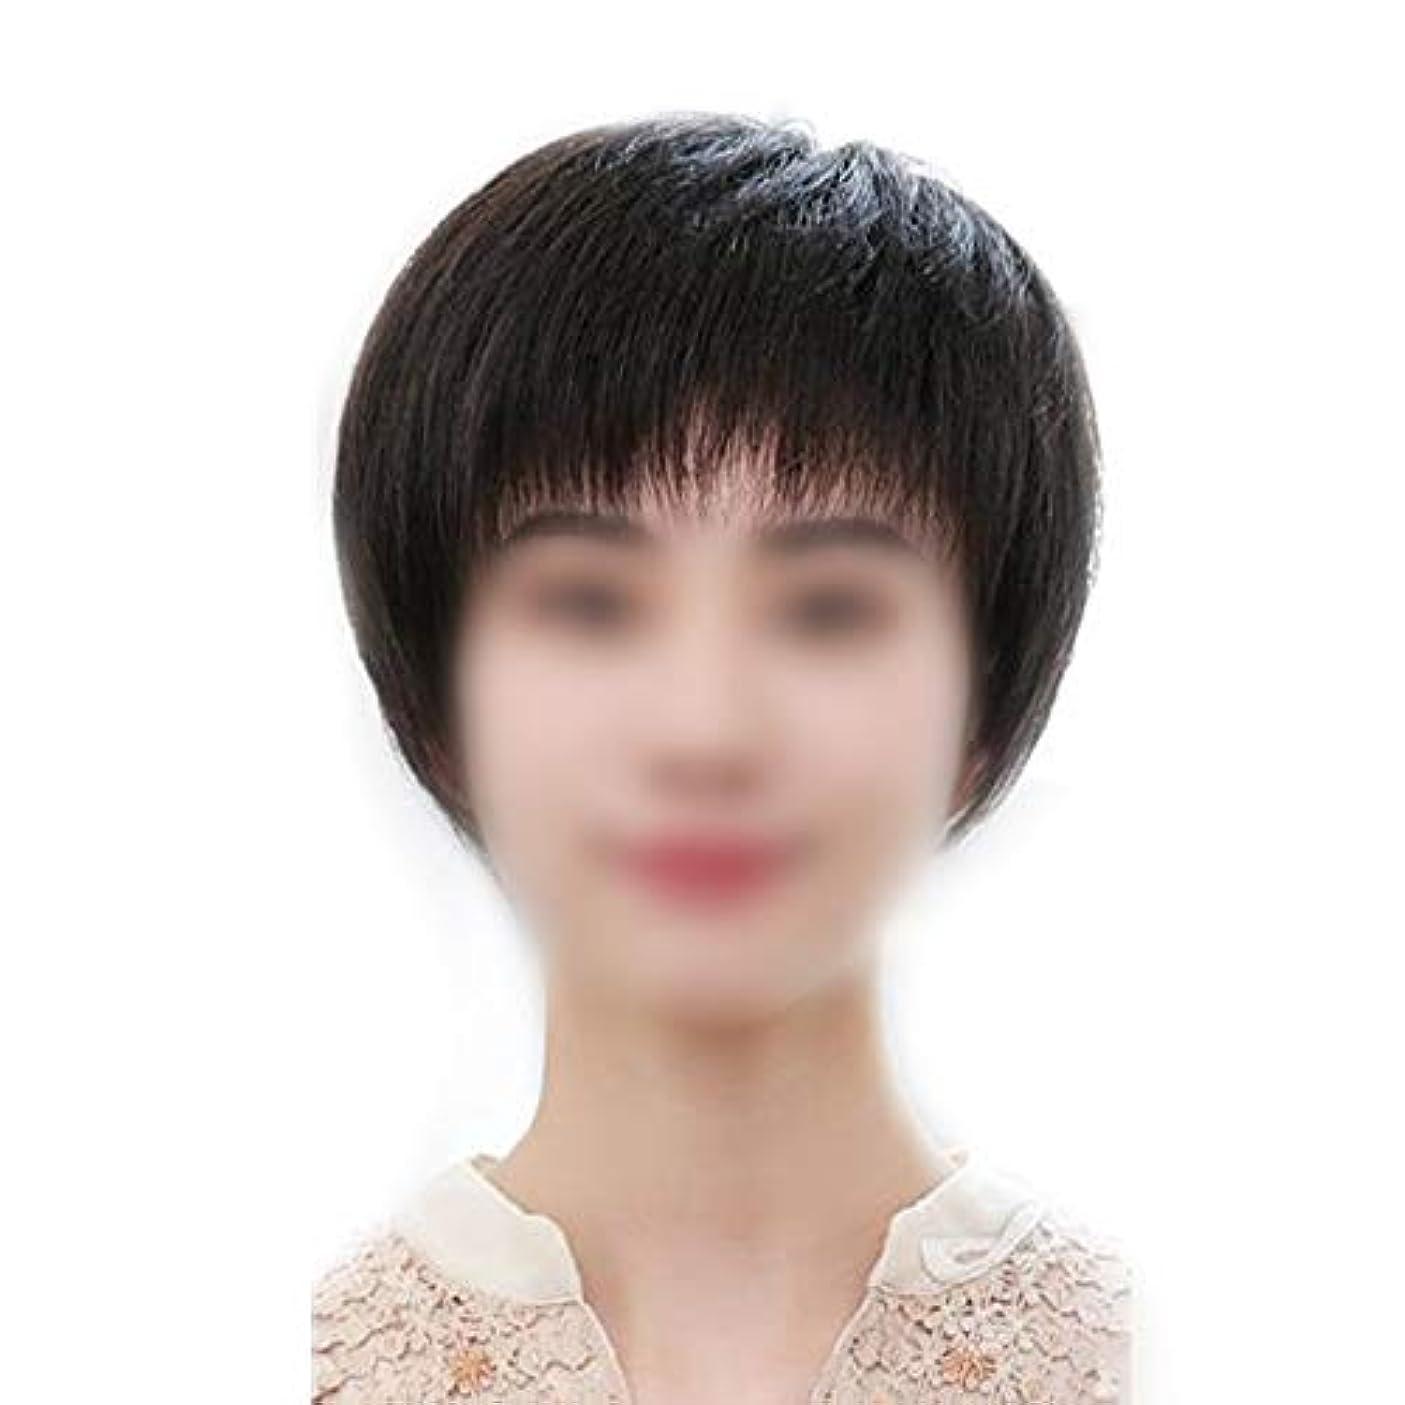 キャビンあいにくエージェントYOUQIU 女子ショートヘアのフルハンド織実ヘアウィッグ現実的な自然に見えるウィッグ (色 : Dark brown)